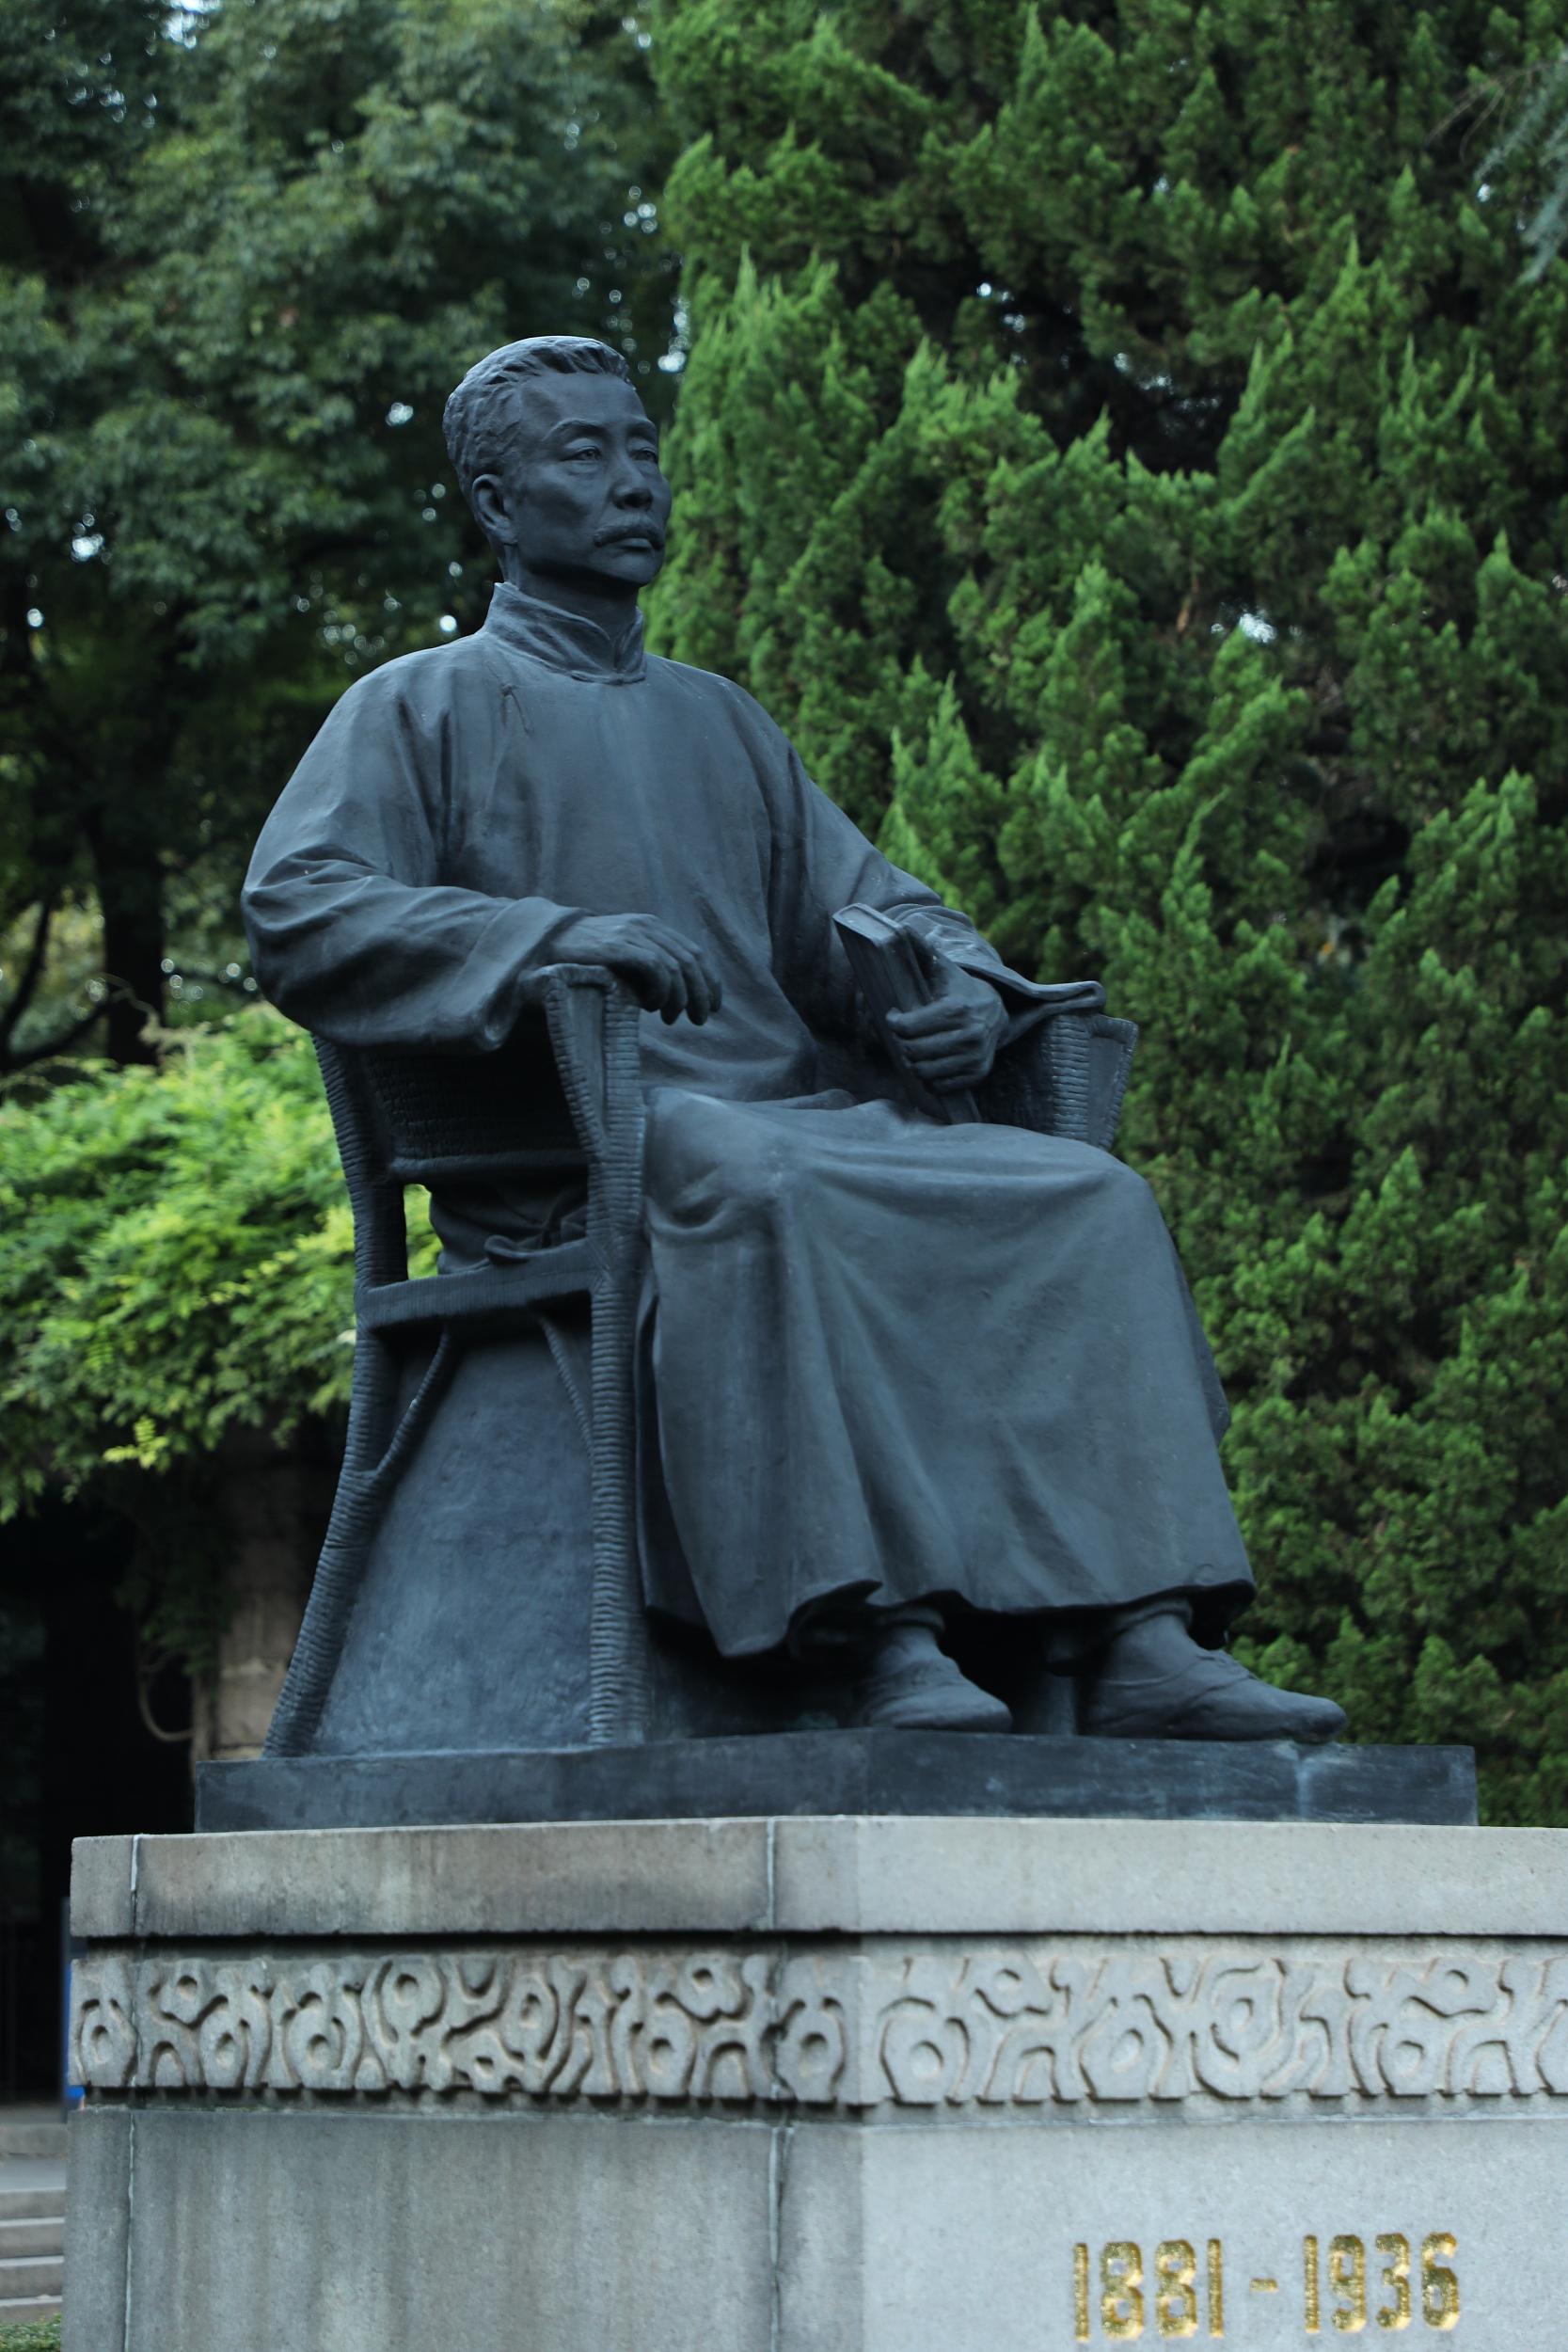 上海鲁迅公园鲁迅雕像 视觉中国 资料图